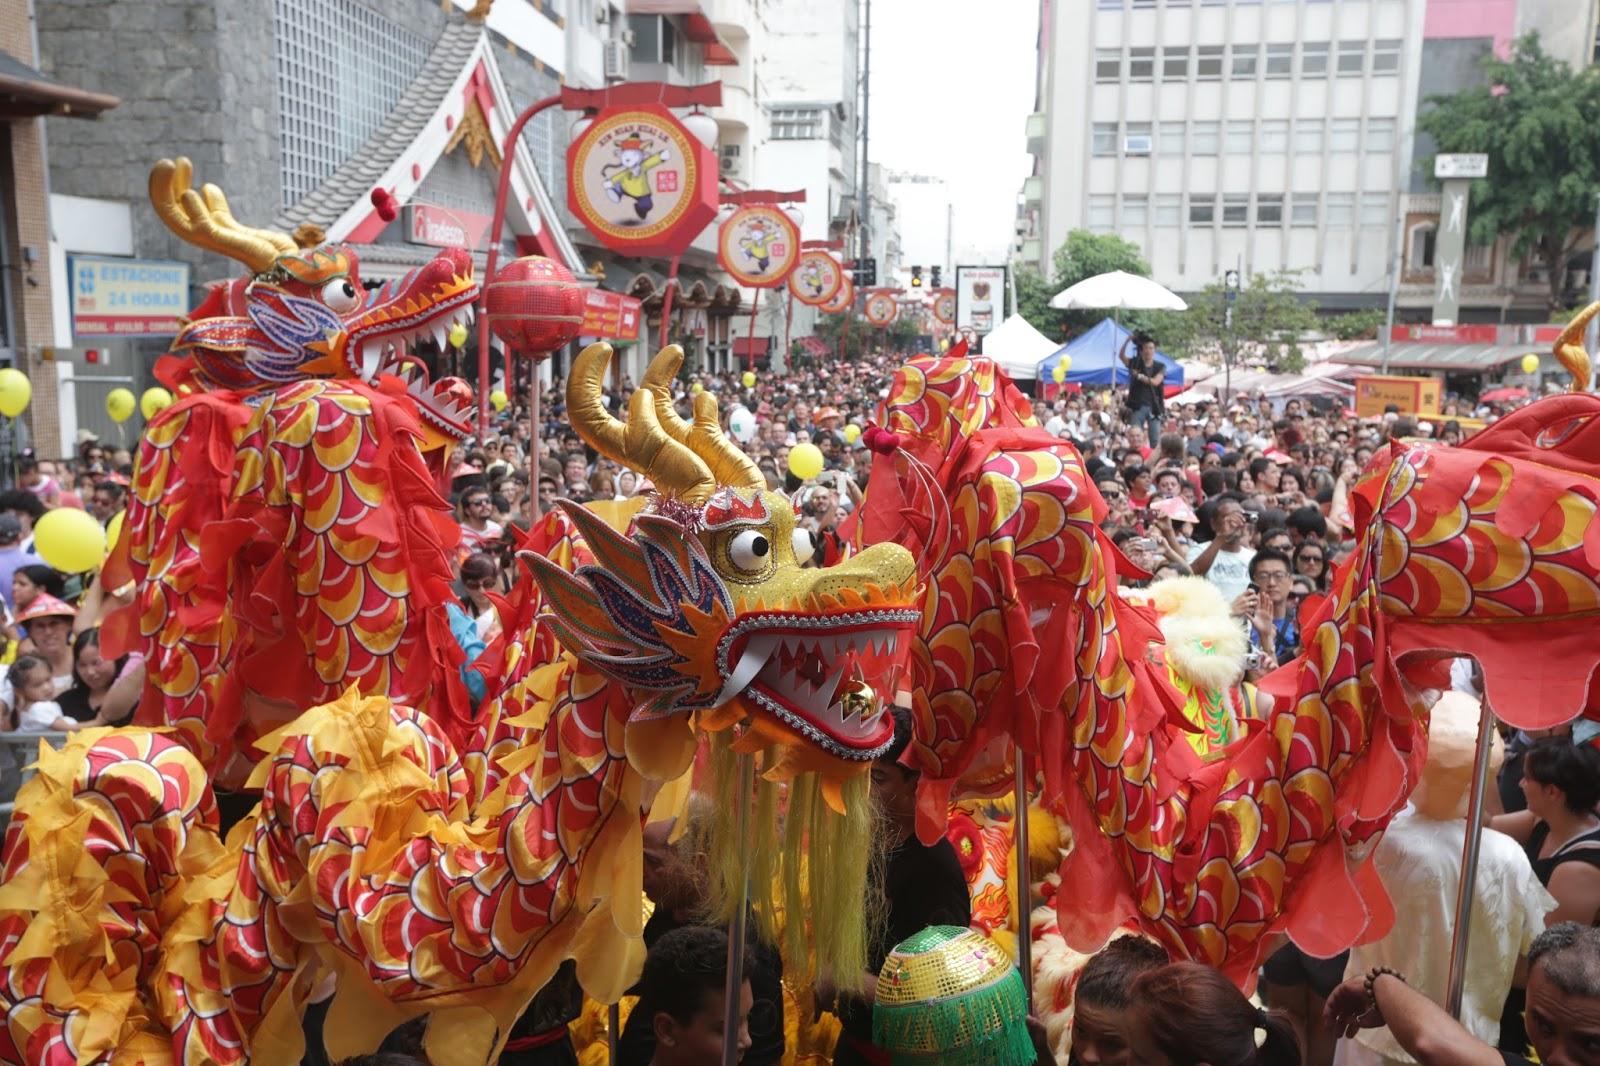 Dança do dragão, no bairro da Liberdade, em São Paulo - um dos espetáculos típicos e multicoloridoos das celebrações do ano novo chinês